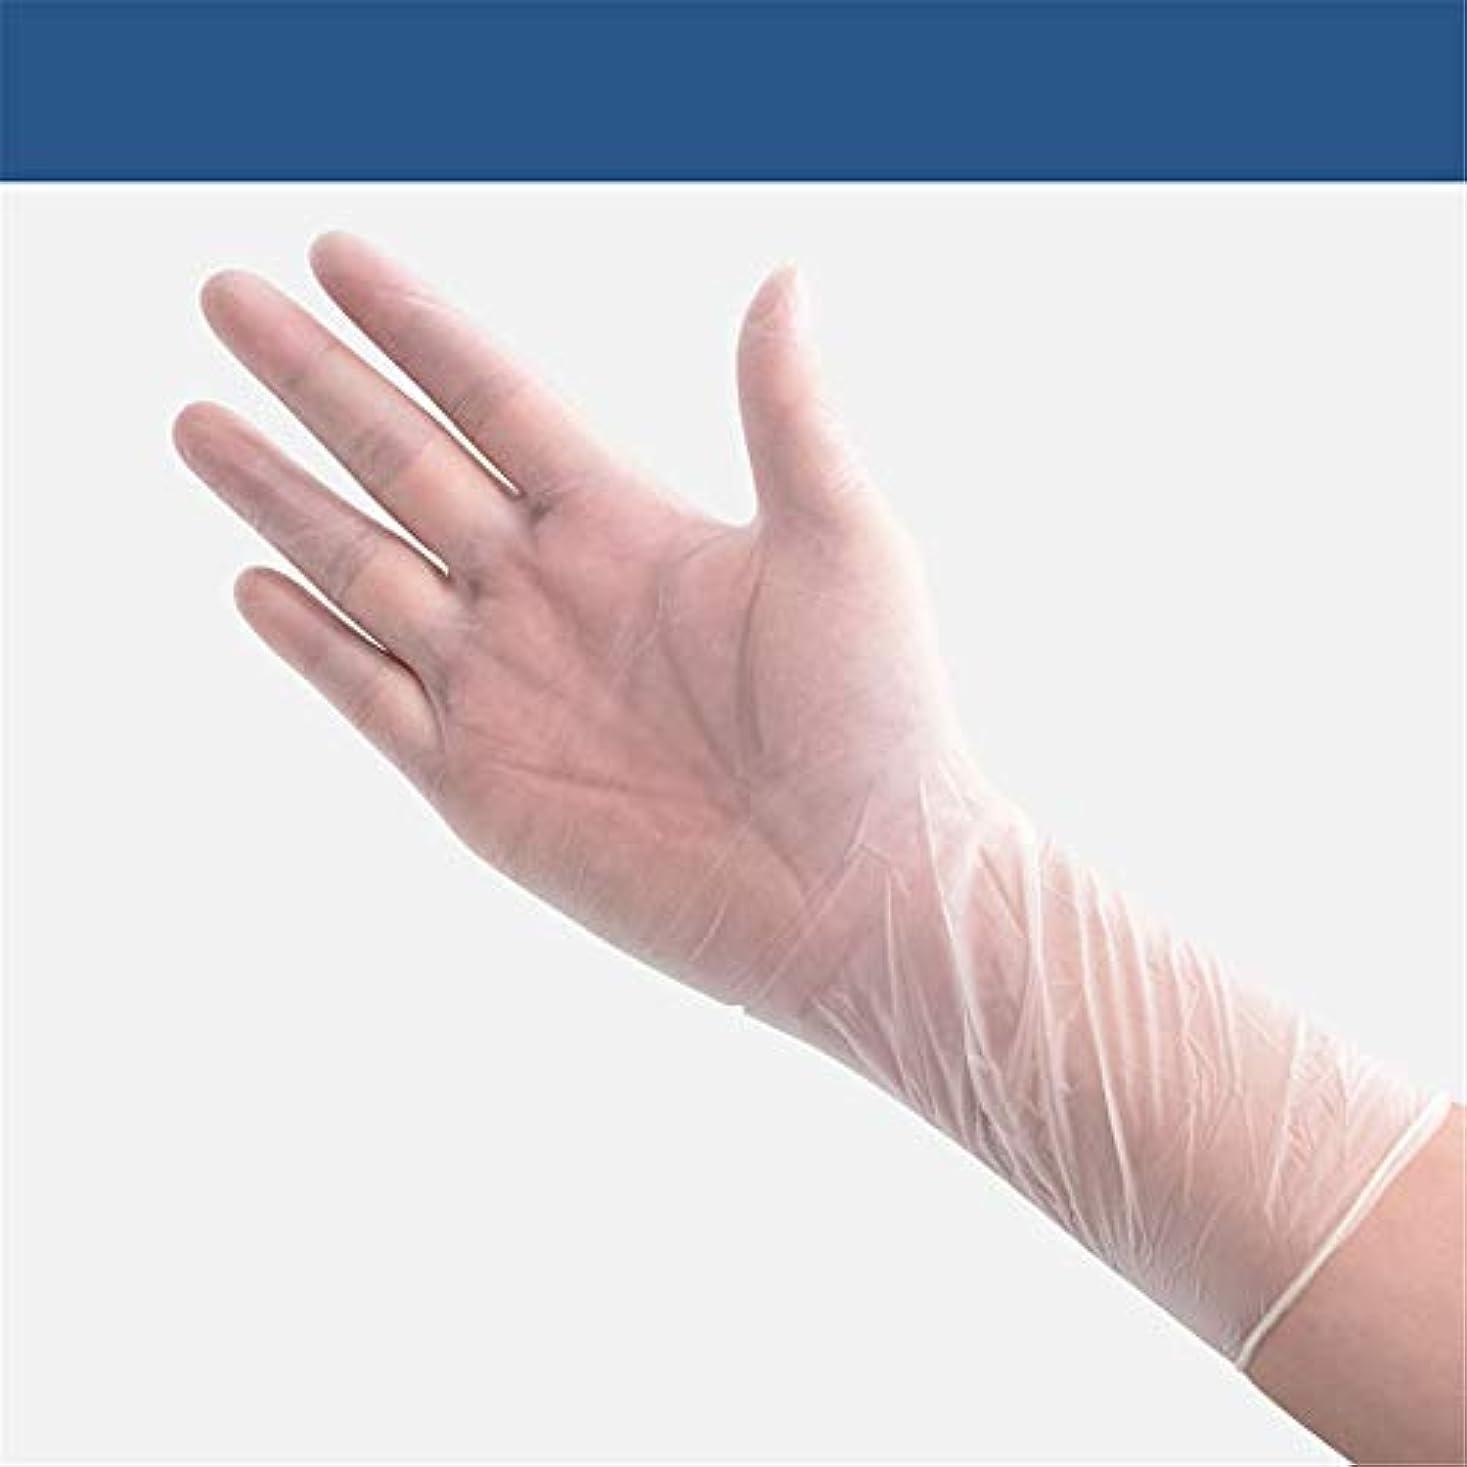 ジョセフバンクス解決銛BTXXYJP キッチン用手袋 手袋 作業 食器洗い 炊事 掃除 園芸 洗車 防水 手袋 (100 Packs) (Color : Pvc 100pcs, Size : M)